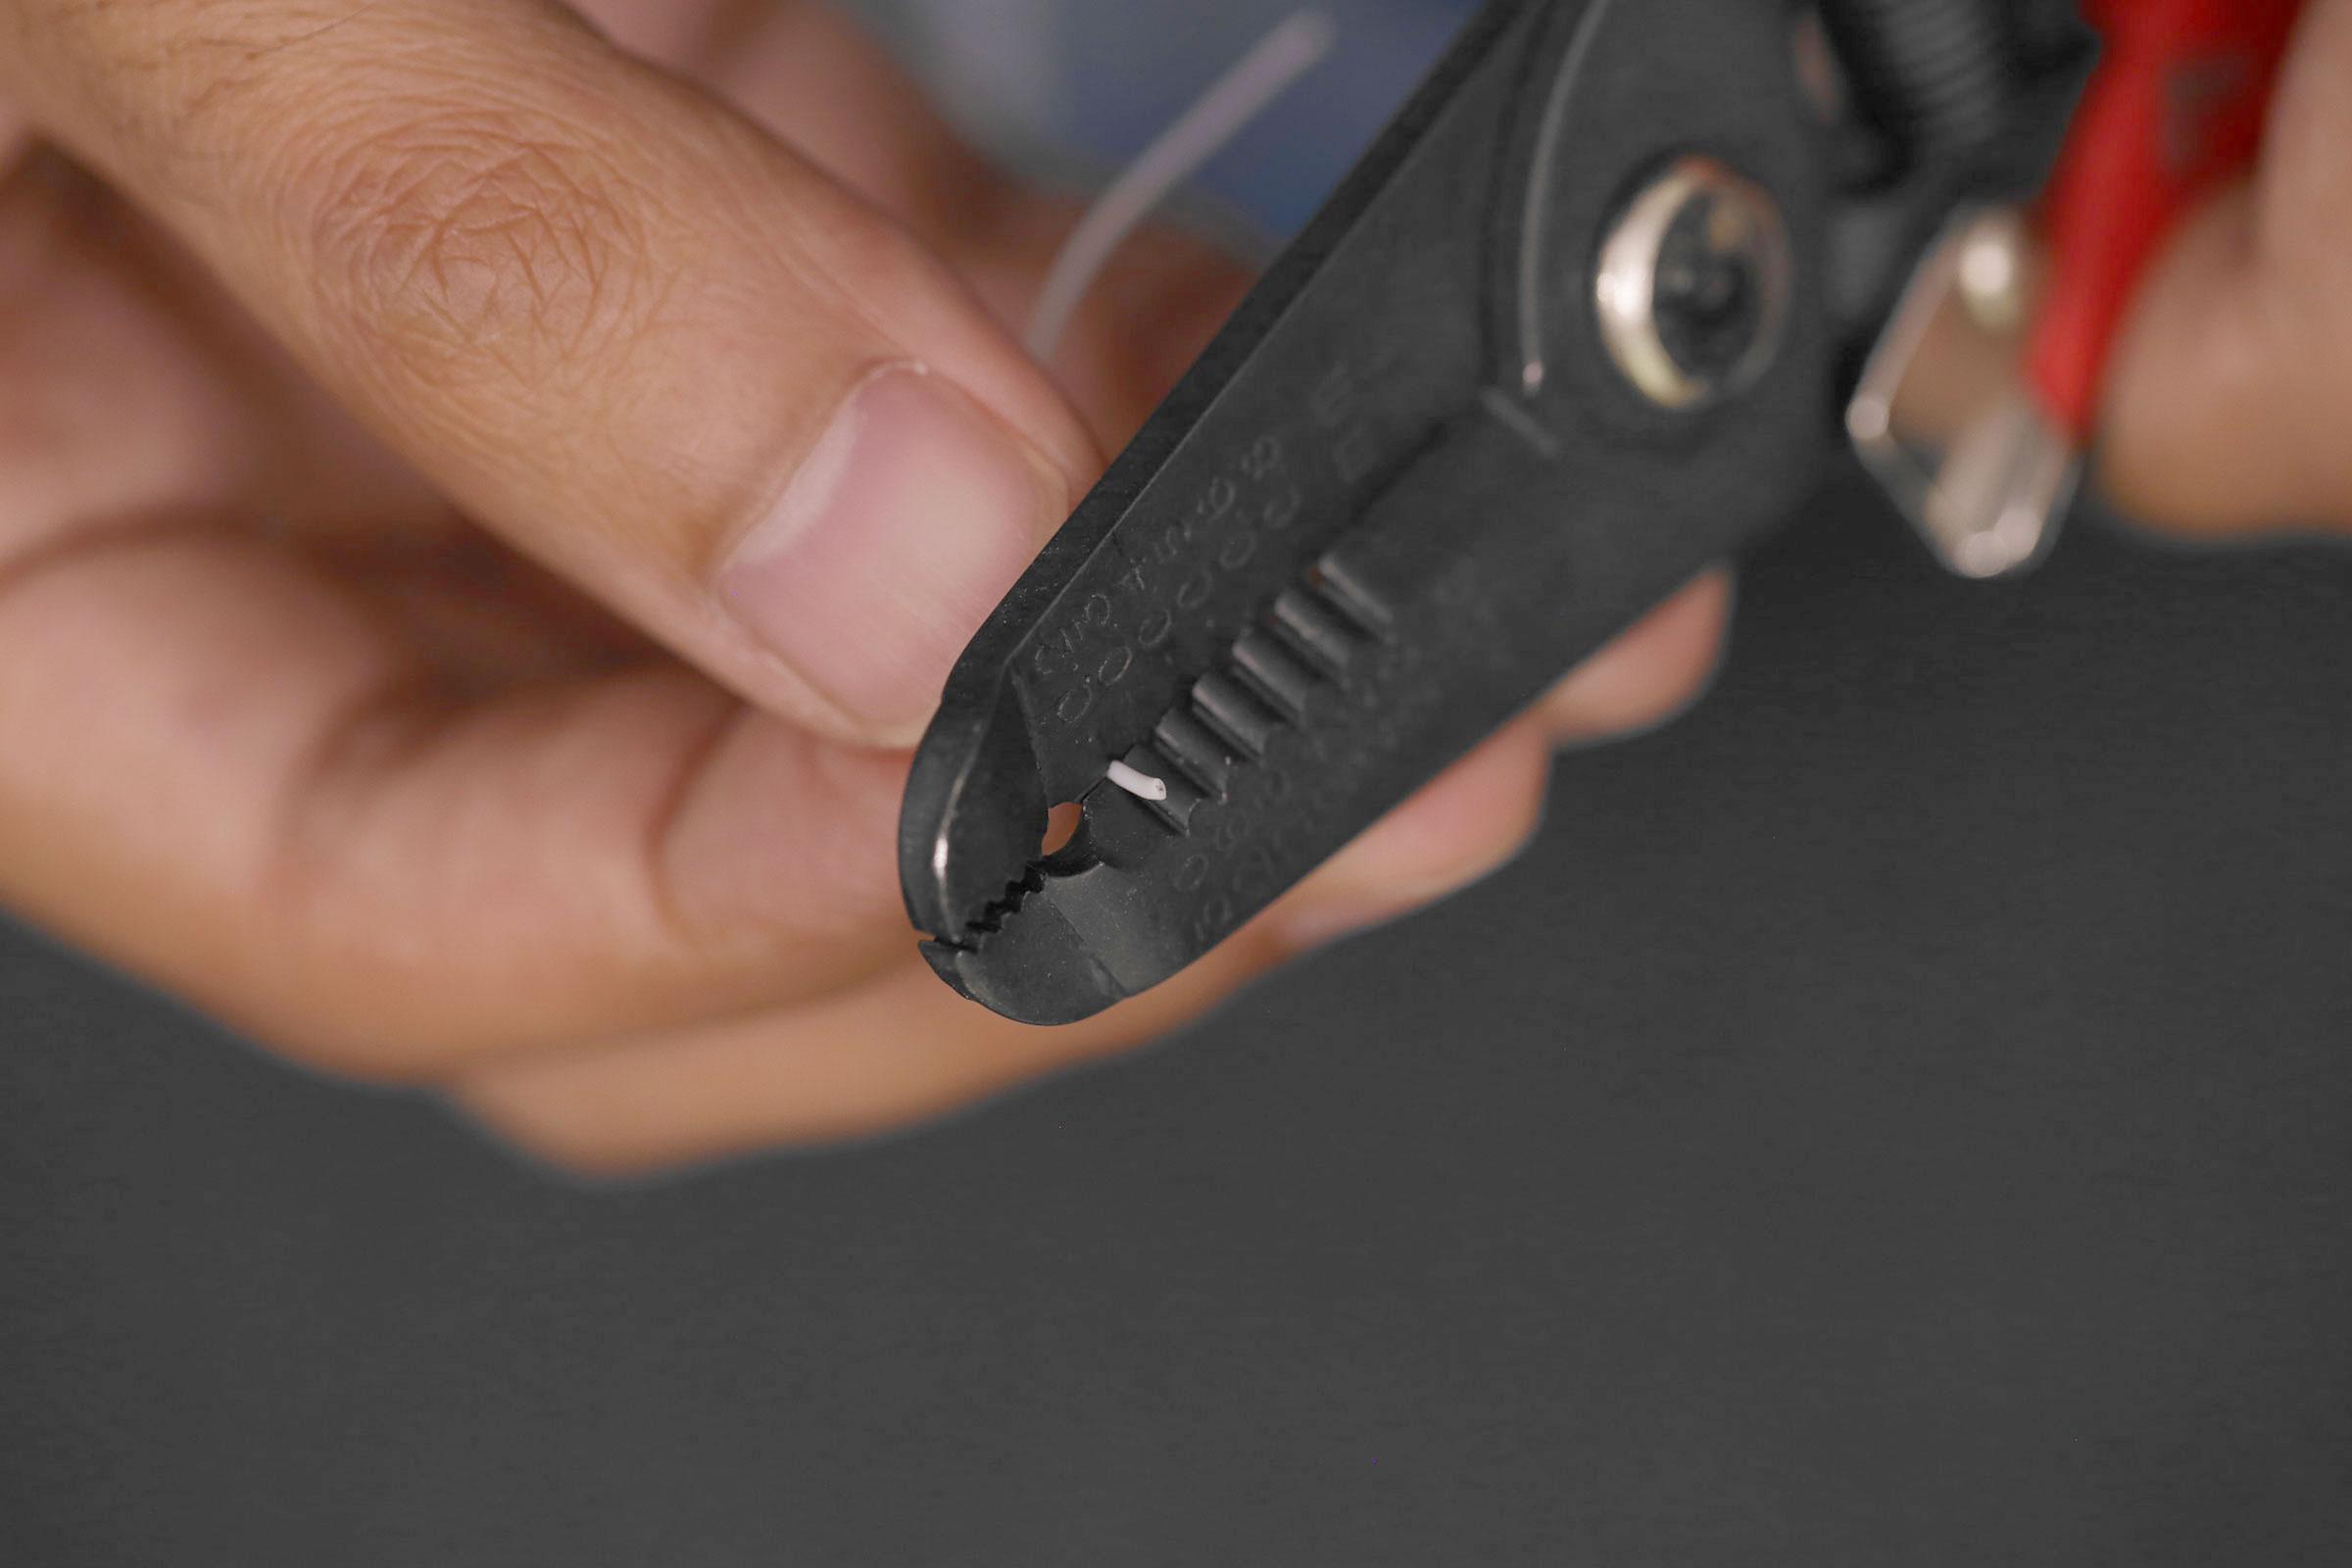 raspberry_pi_wires-strip-ends.jpg